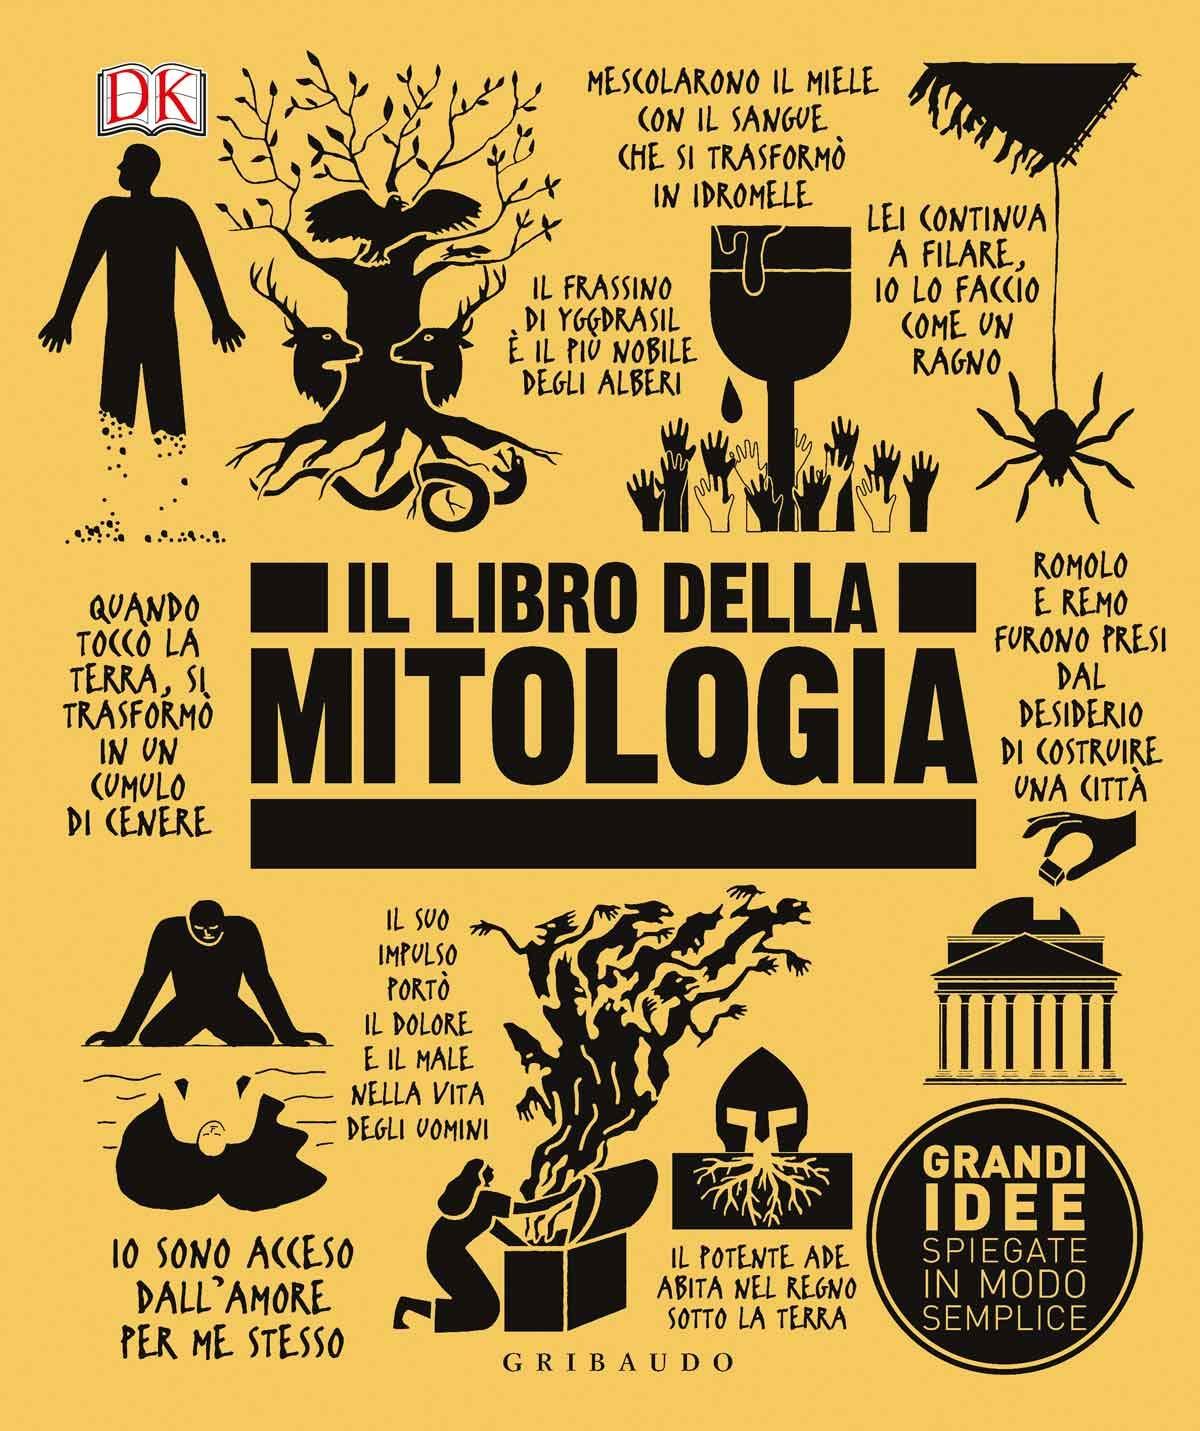 grandi idee spiegate in modo semplice  : Il libro della mitologia. Grandi idee spiegate in modo ...